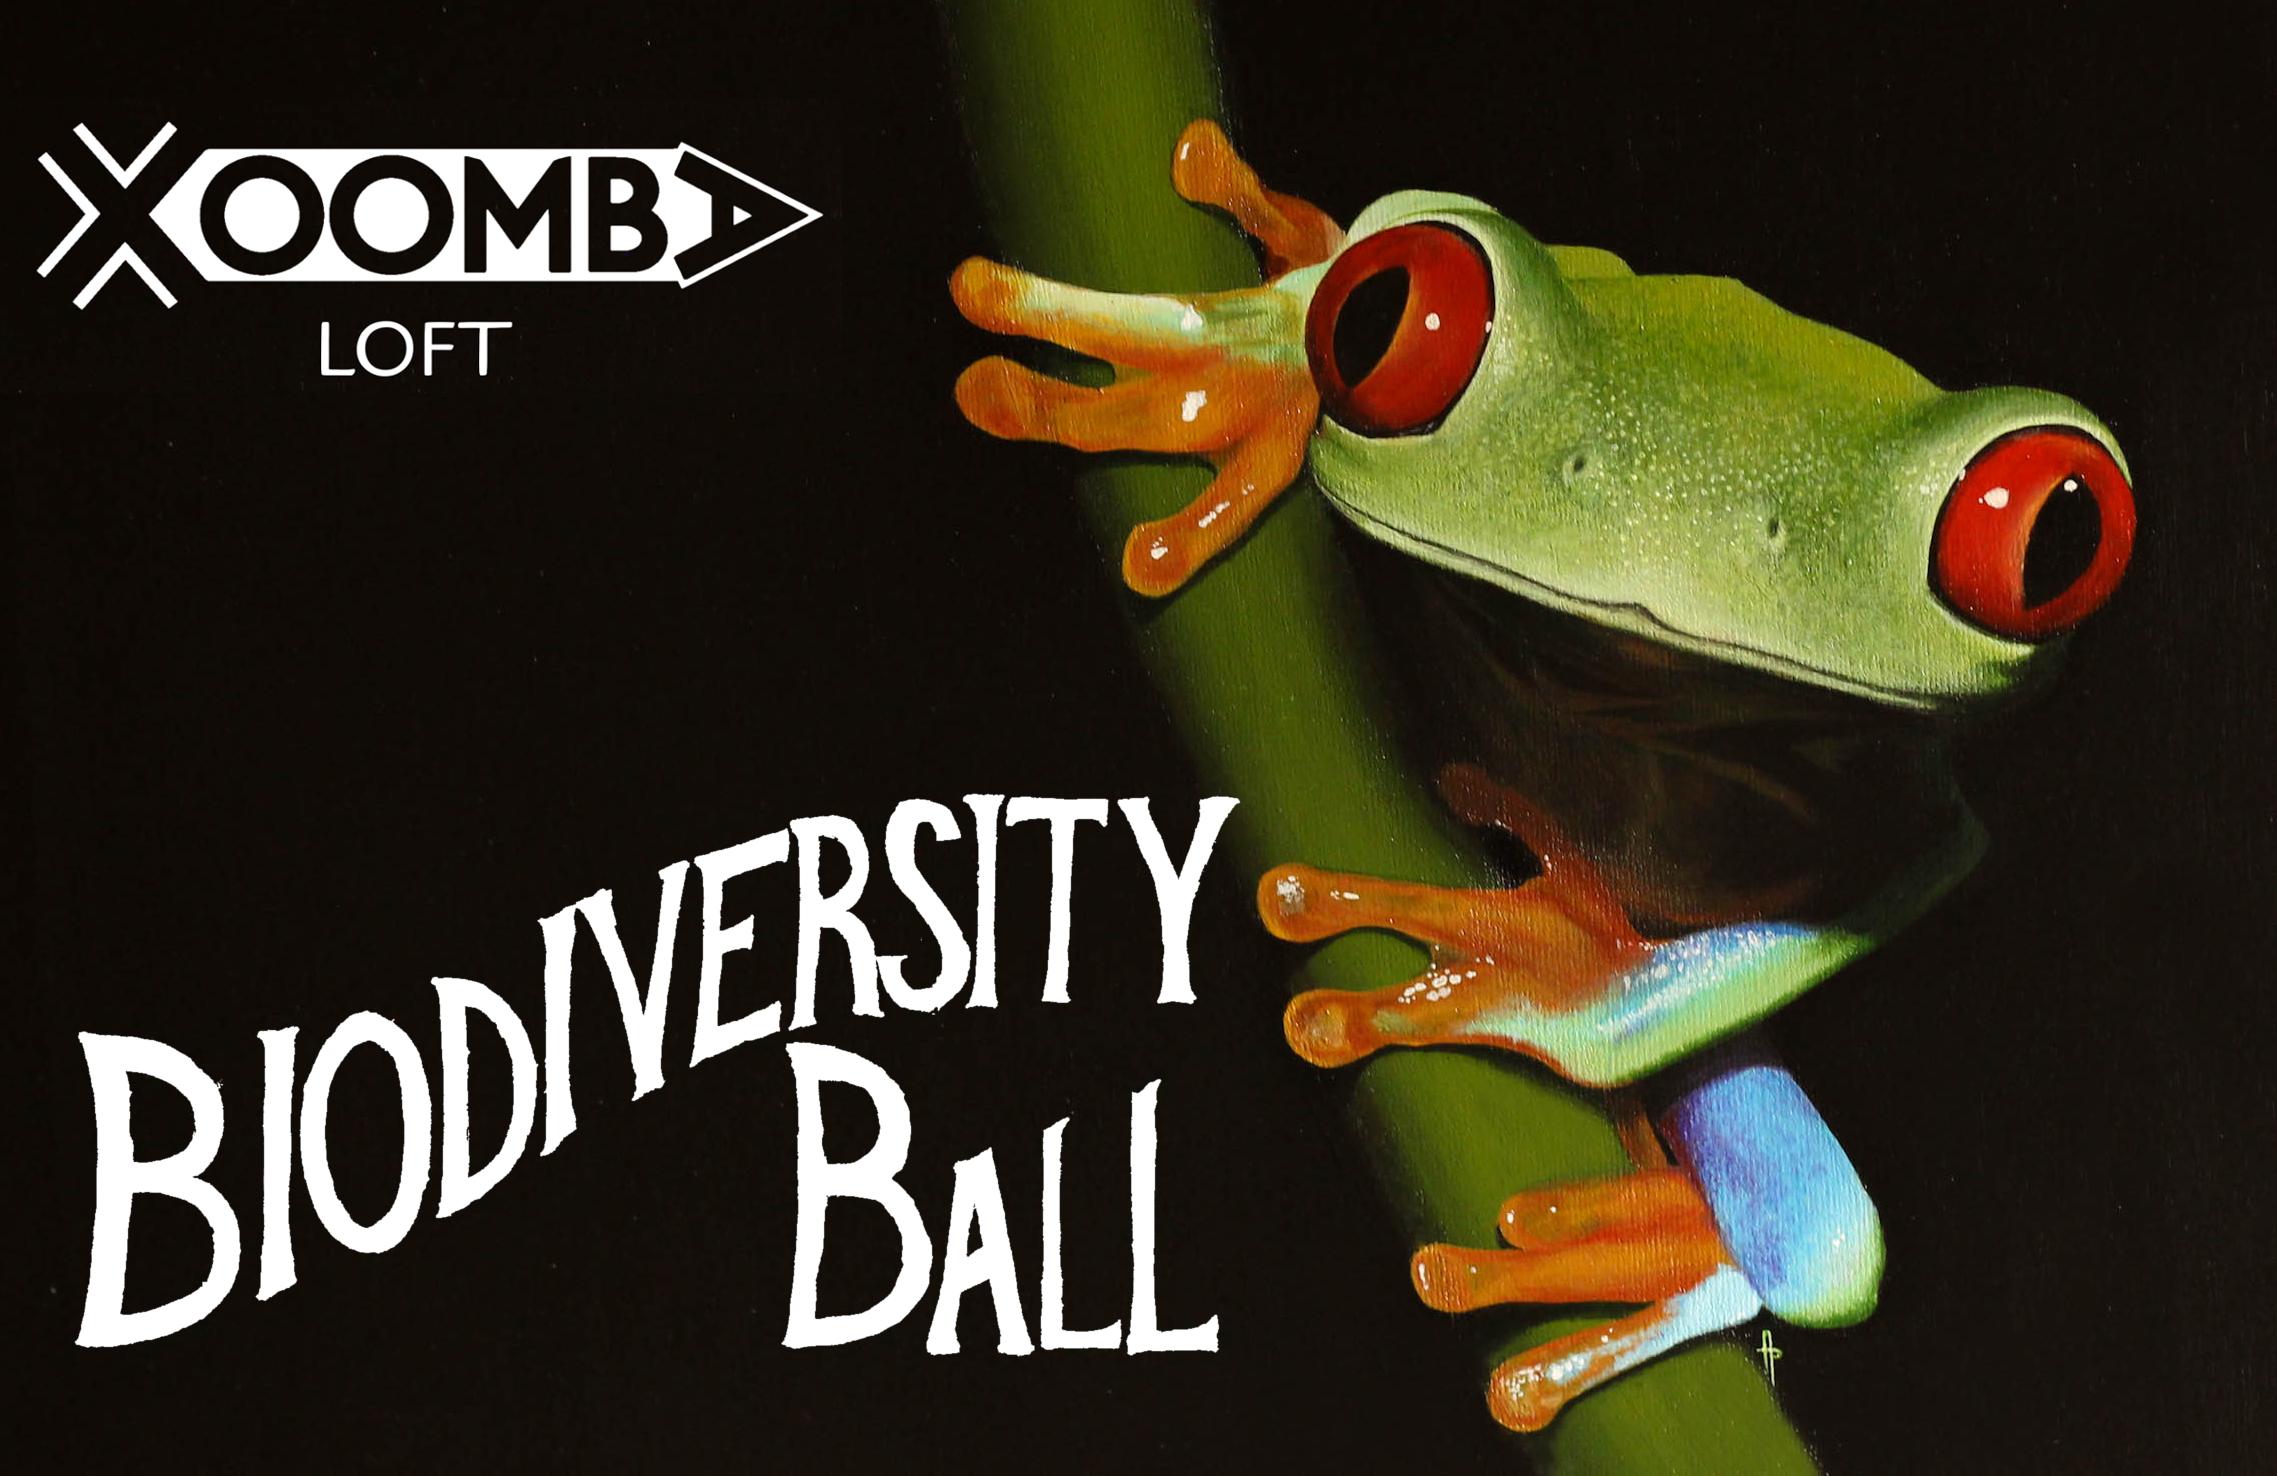 Biodiversityball2015